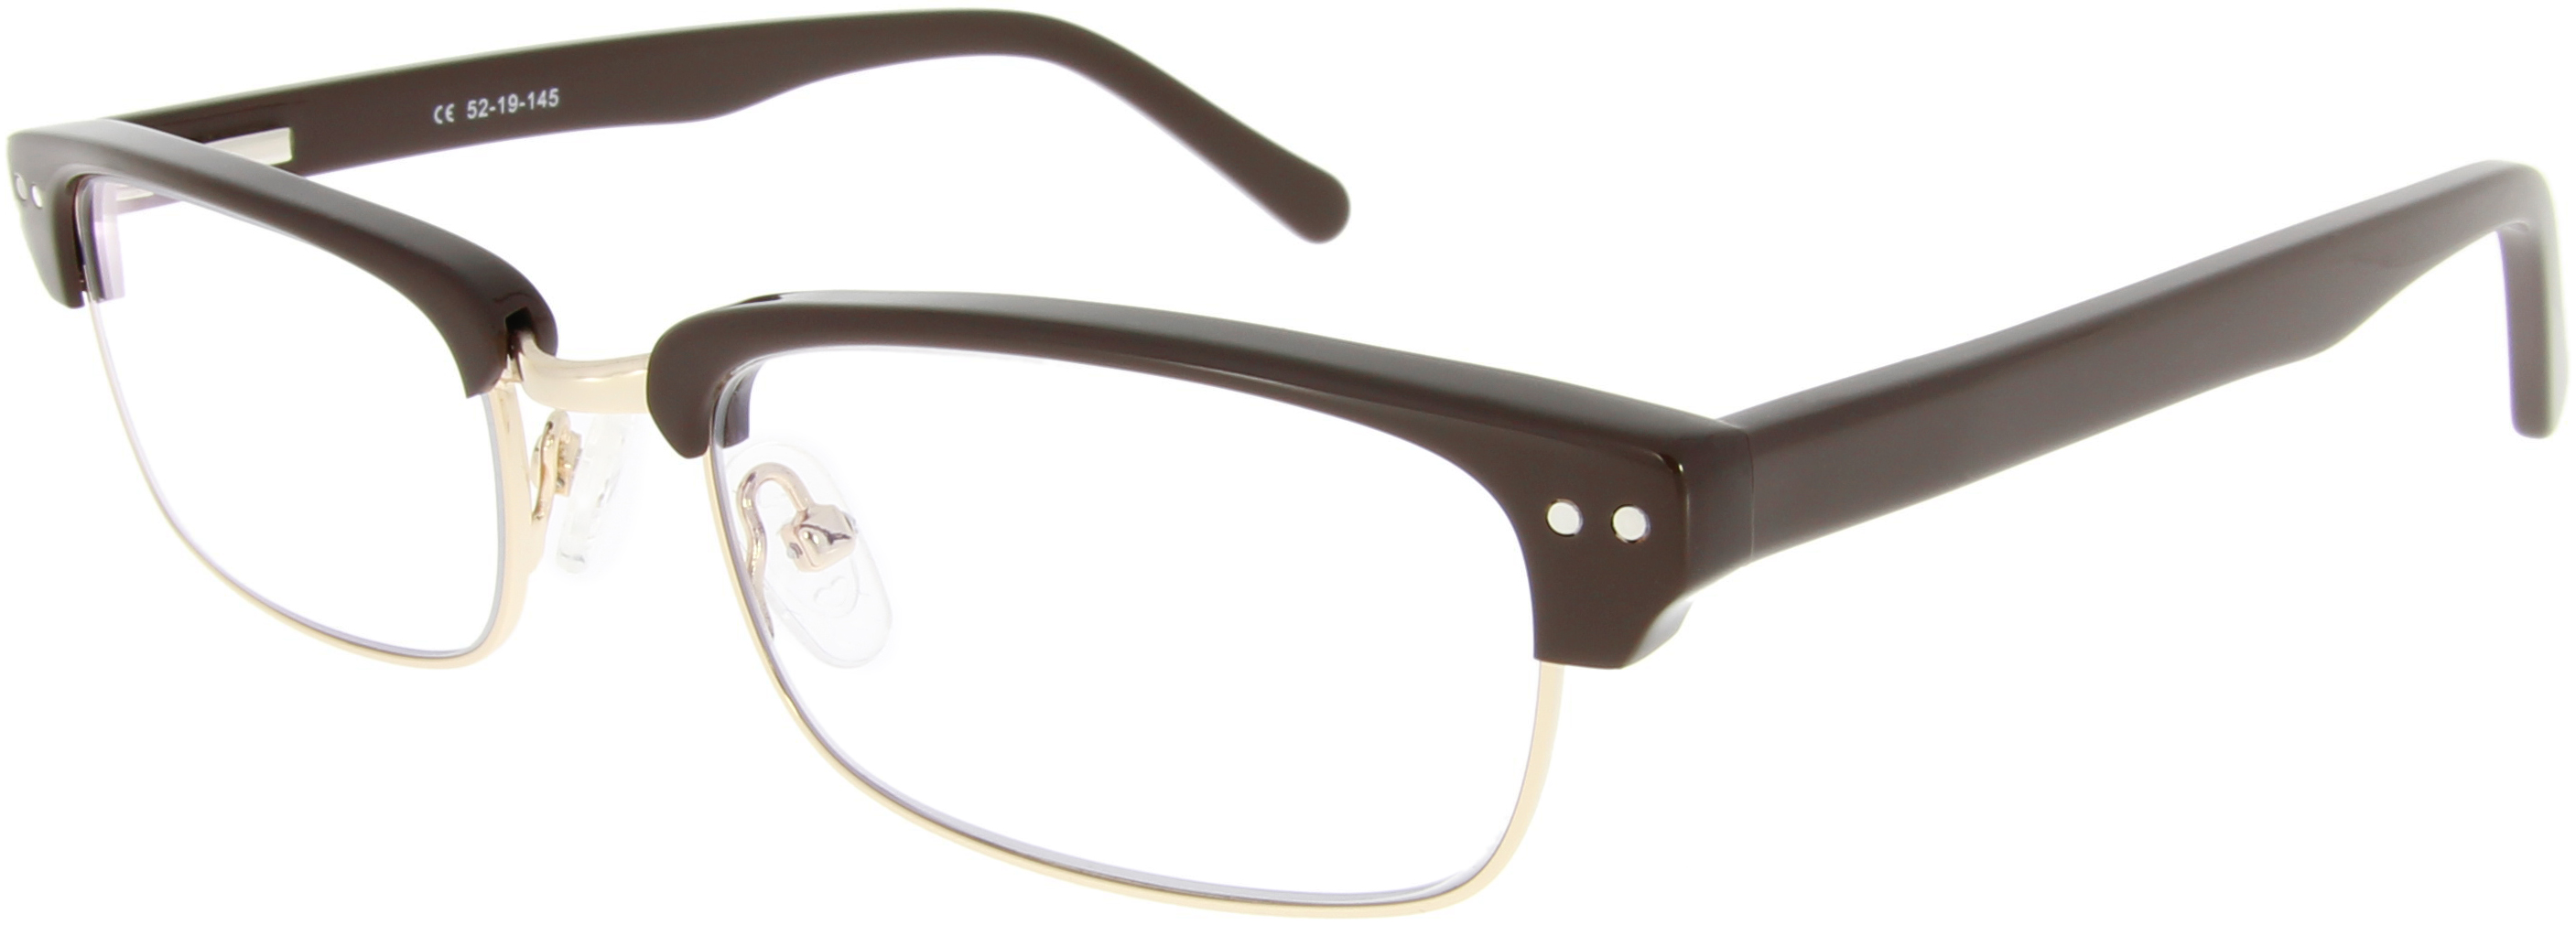 Vorschaubild von Browline Brille in Braun